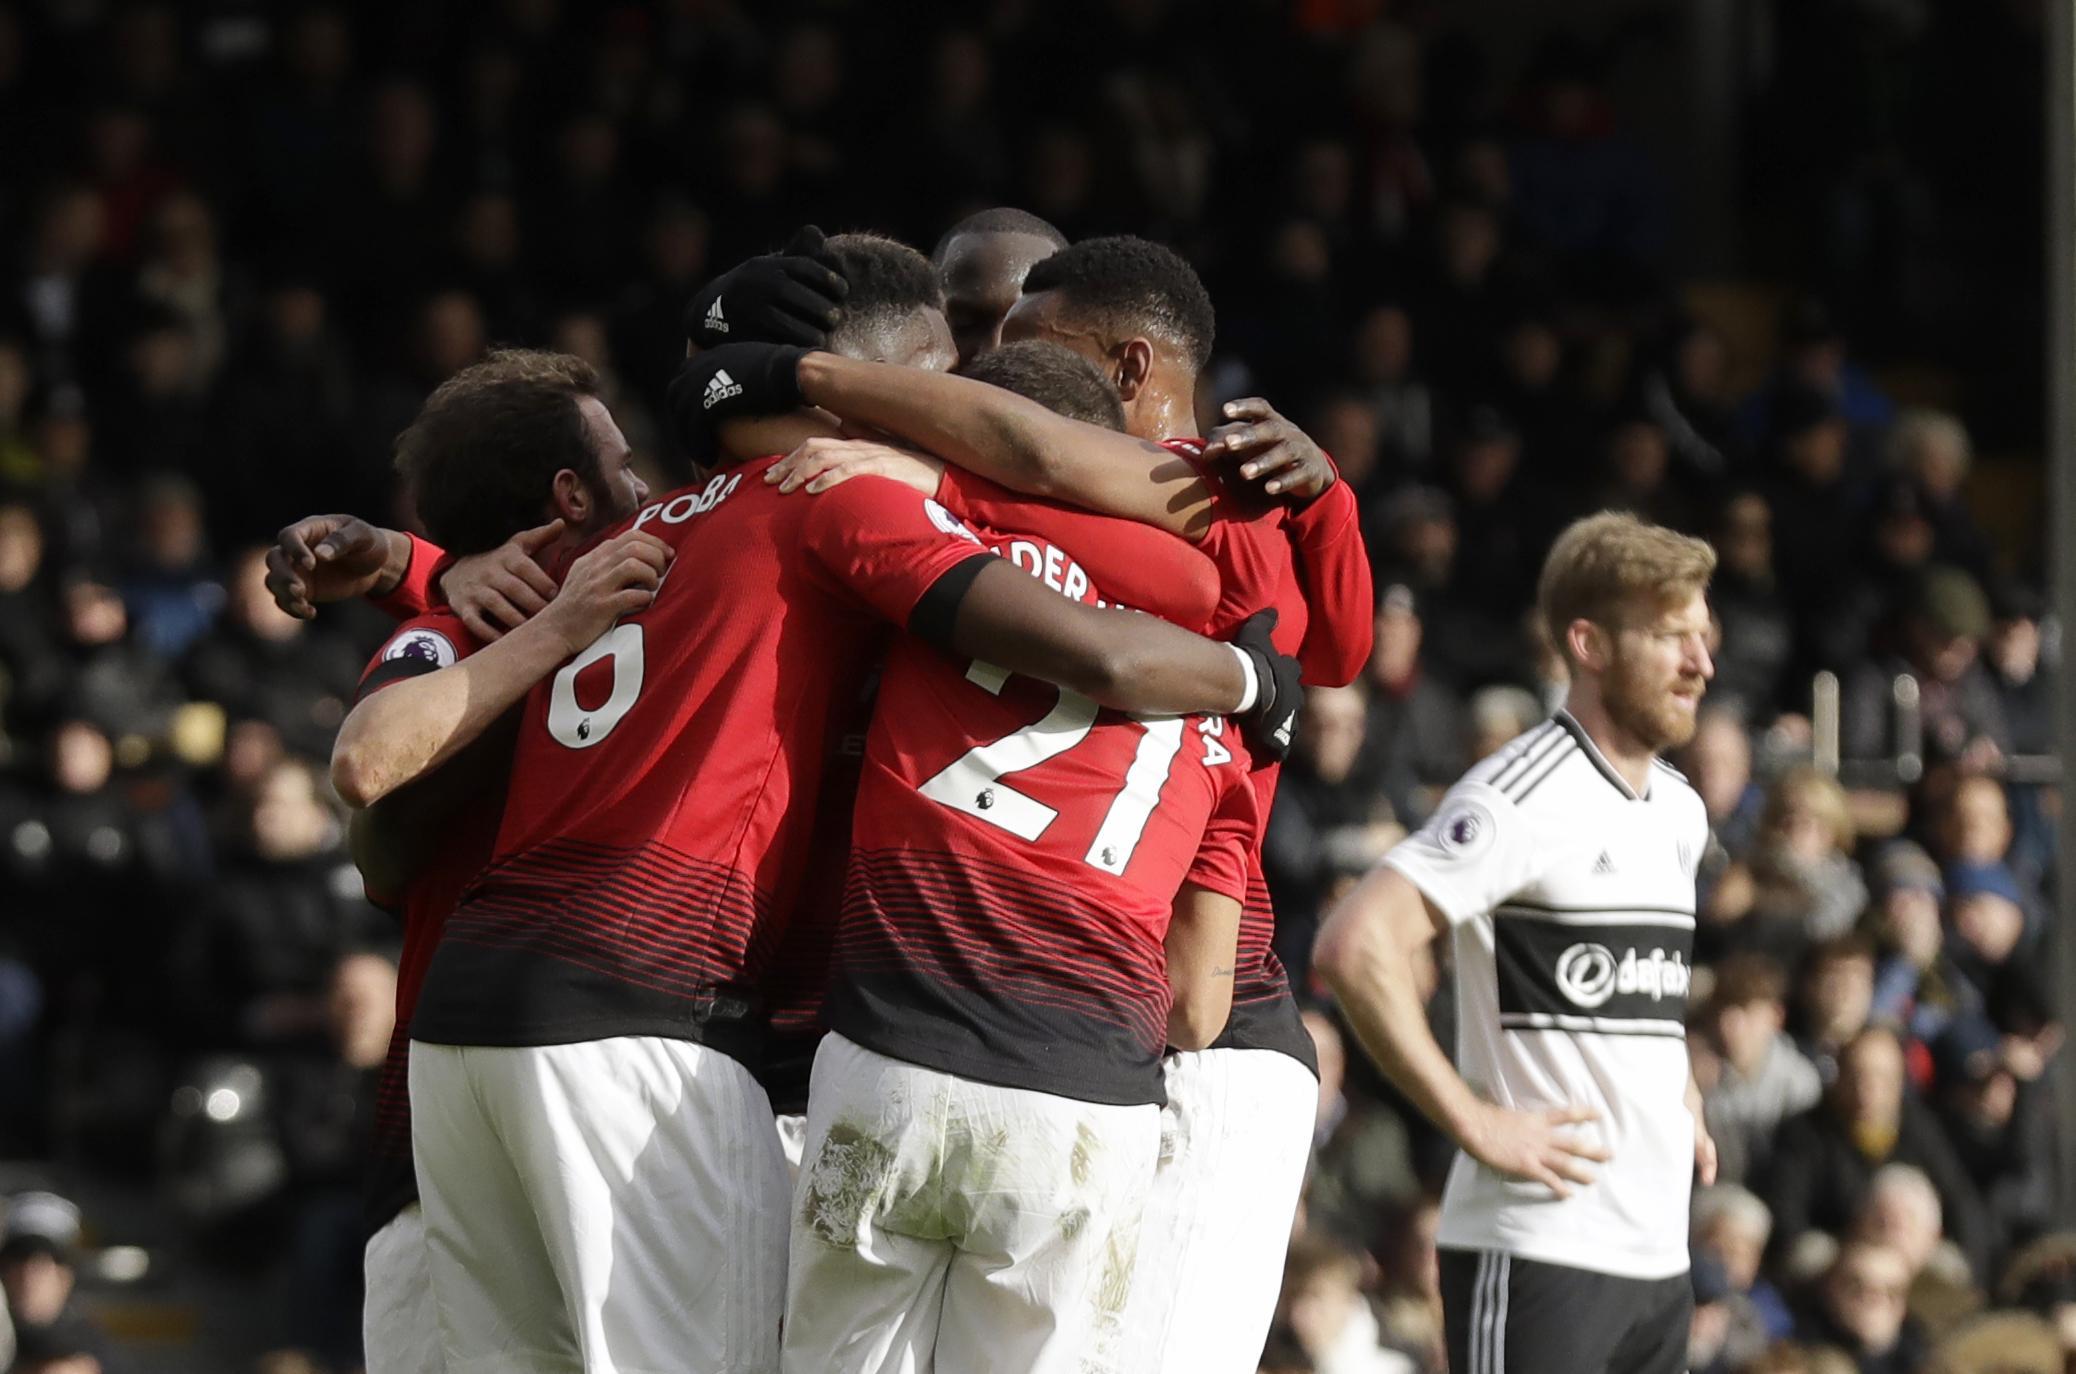 Chiến PSG, Man Utd cuối cùng cũng lắng nghe lời Mourinho - Bóng Đá